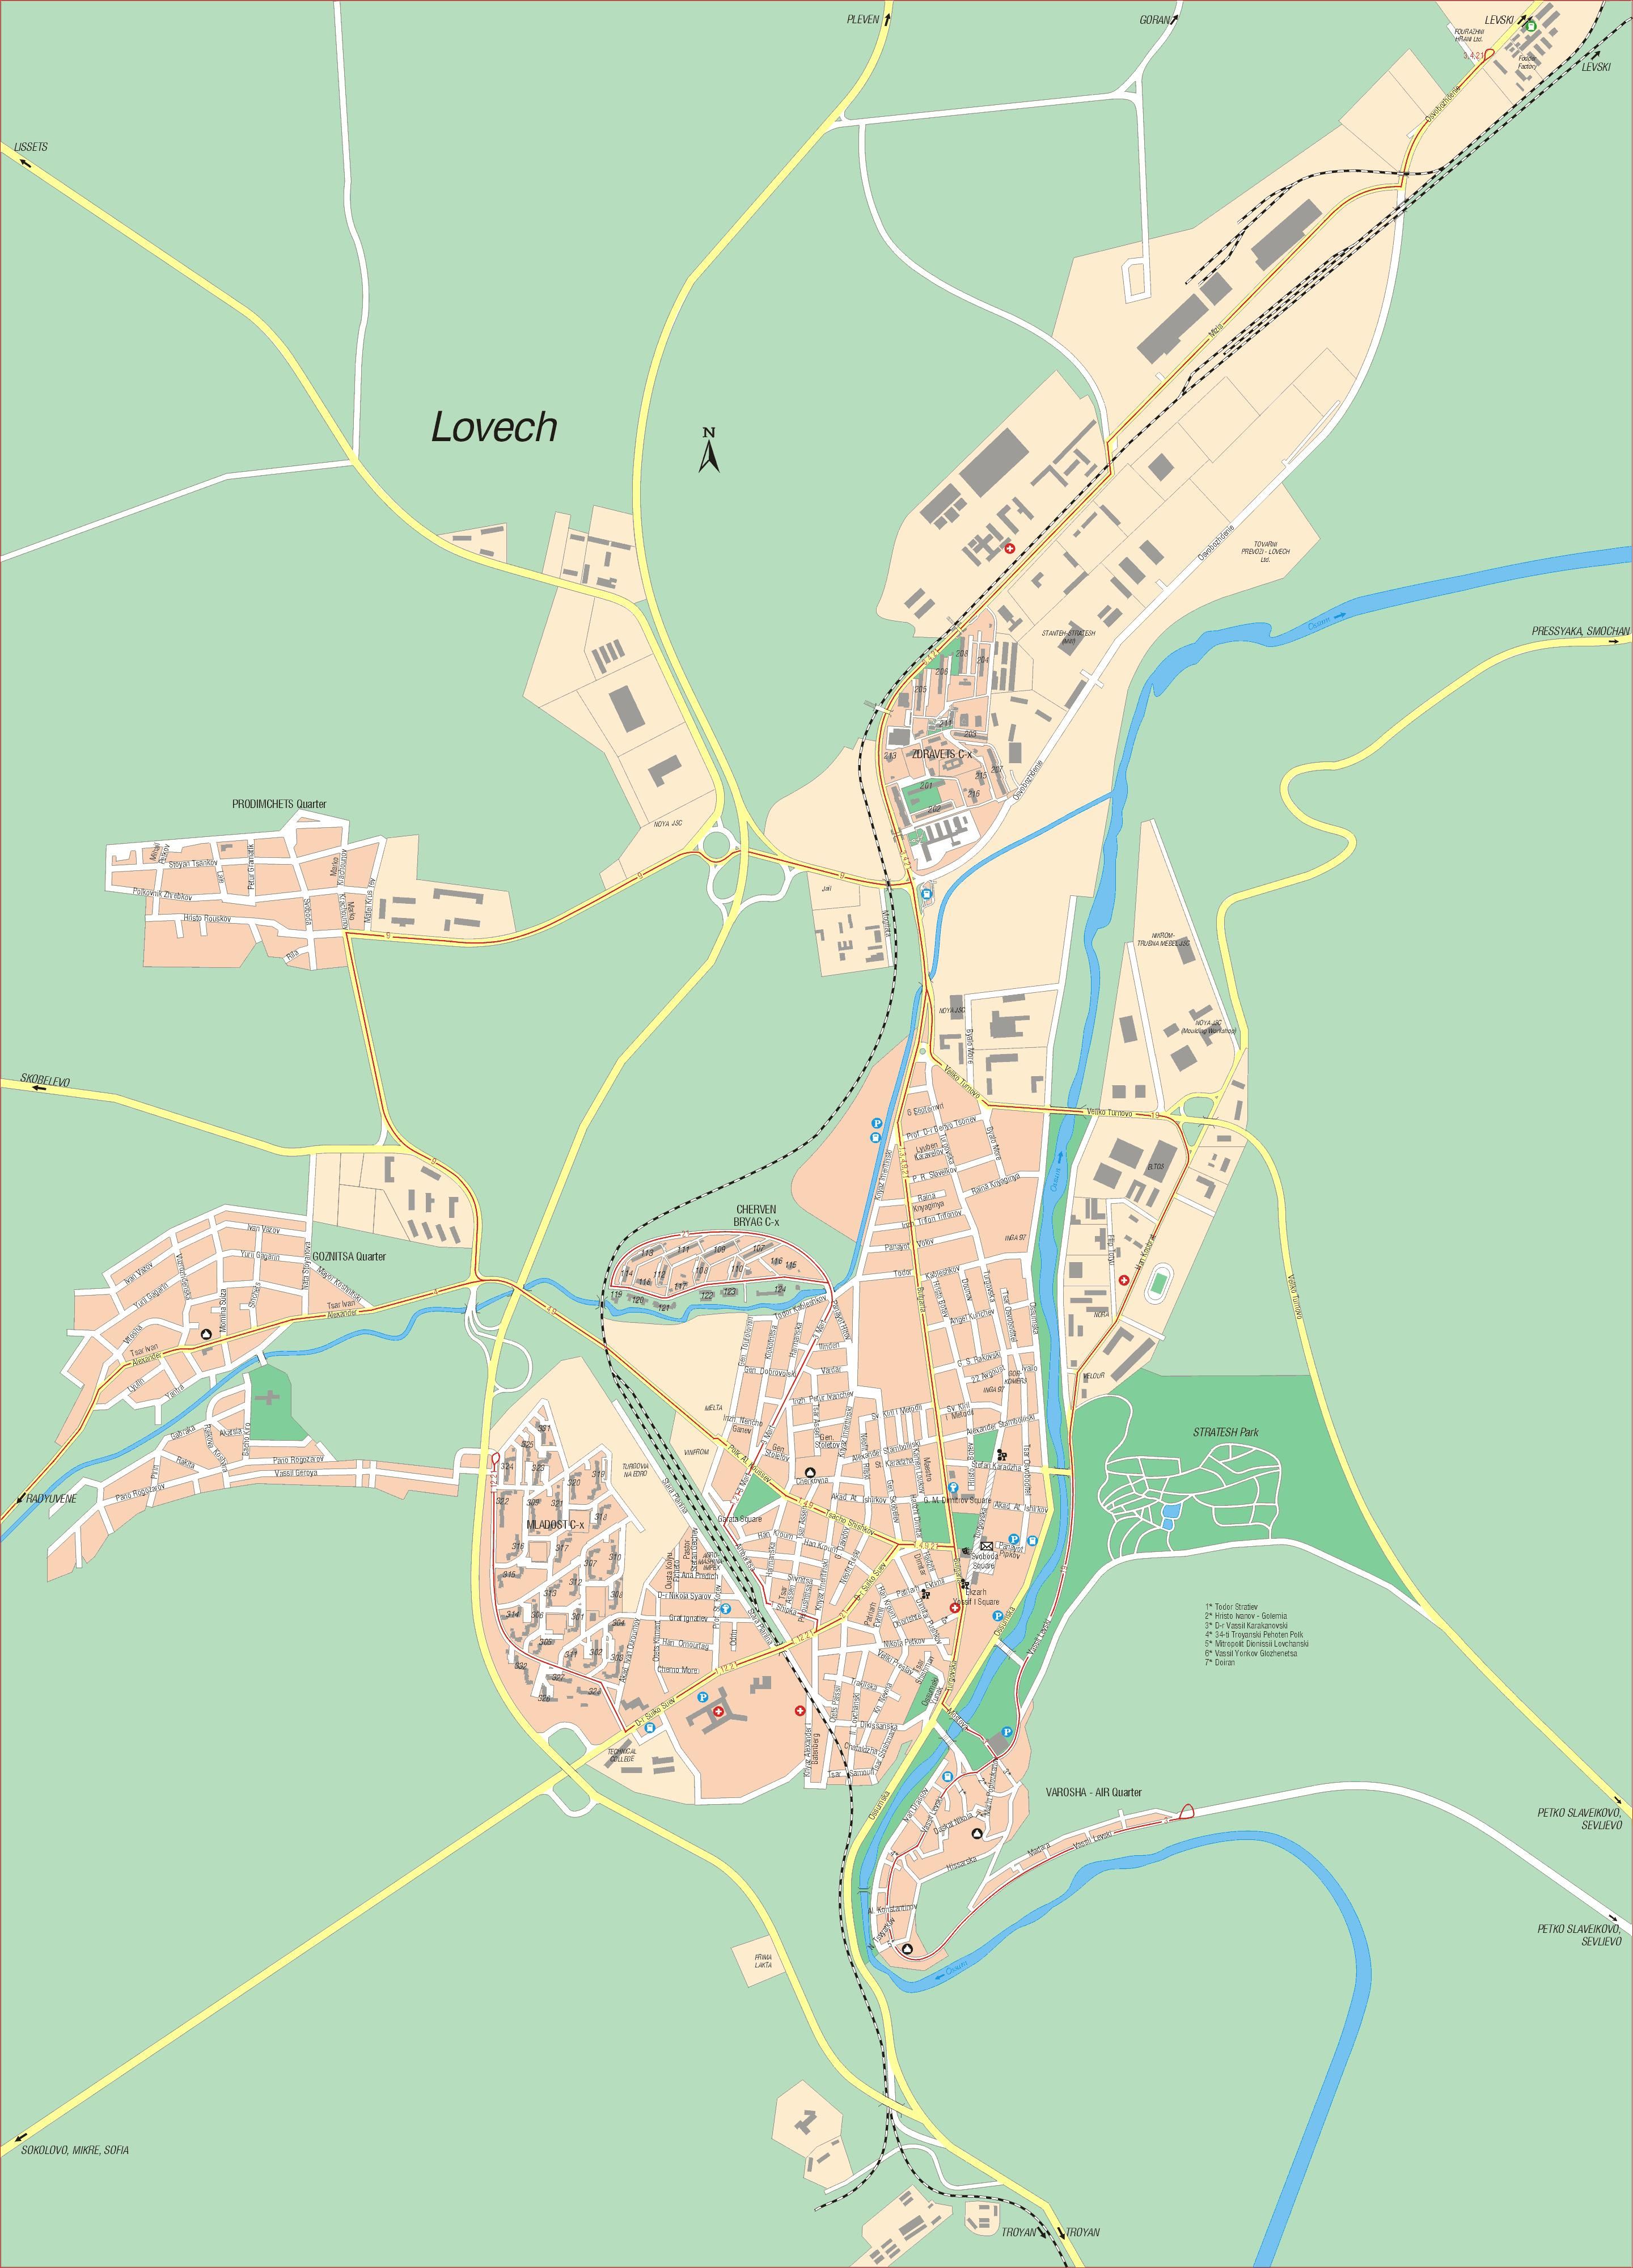 Karta Goroda Lovech 117 Lovechskaya Oblast Besplatno Skachat